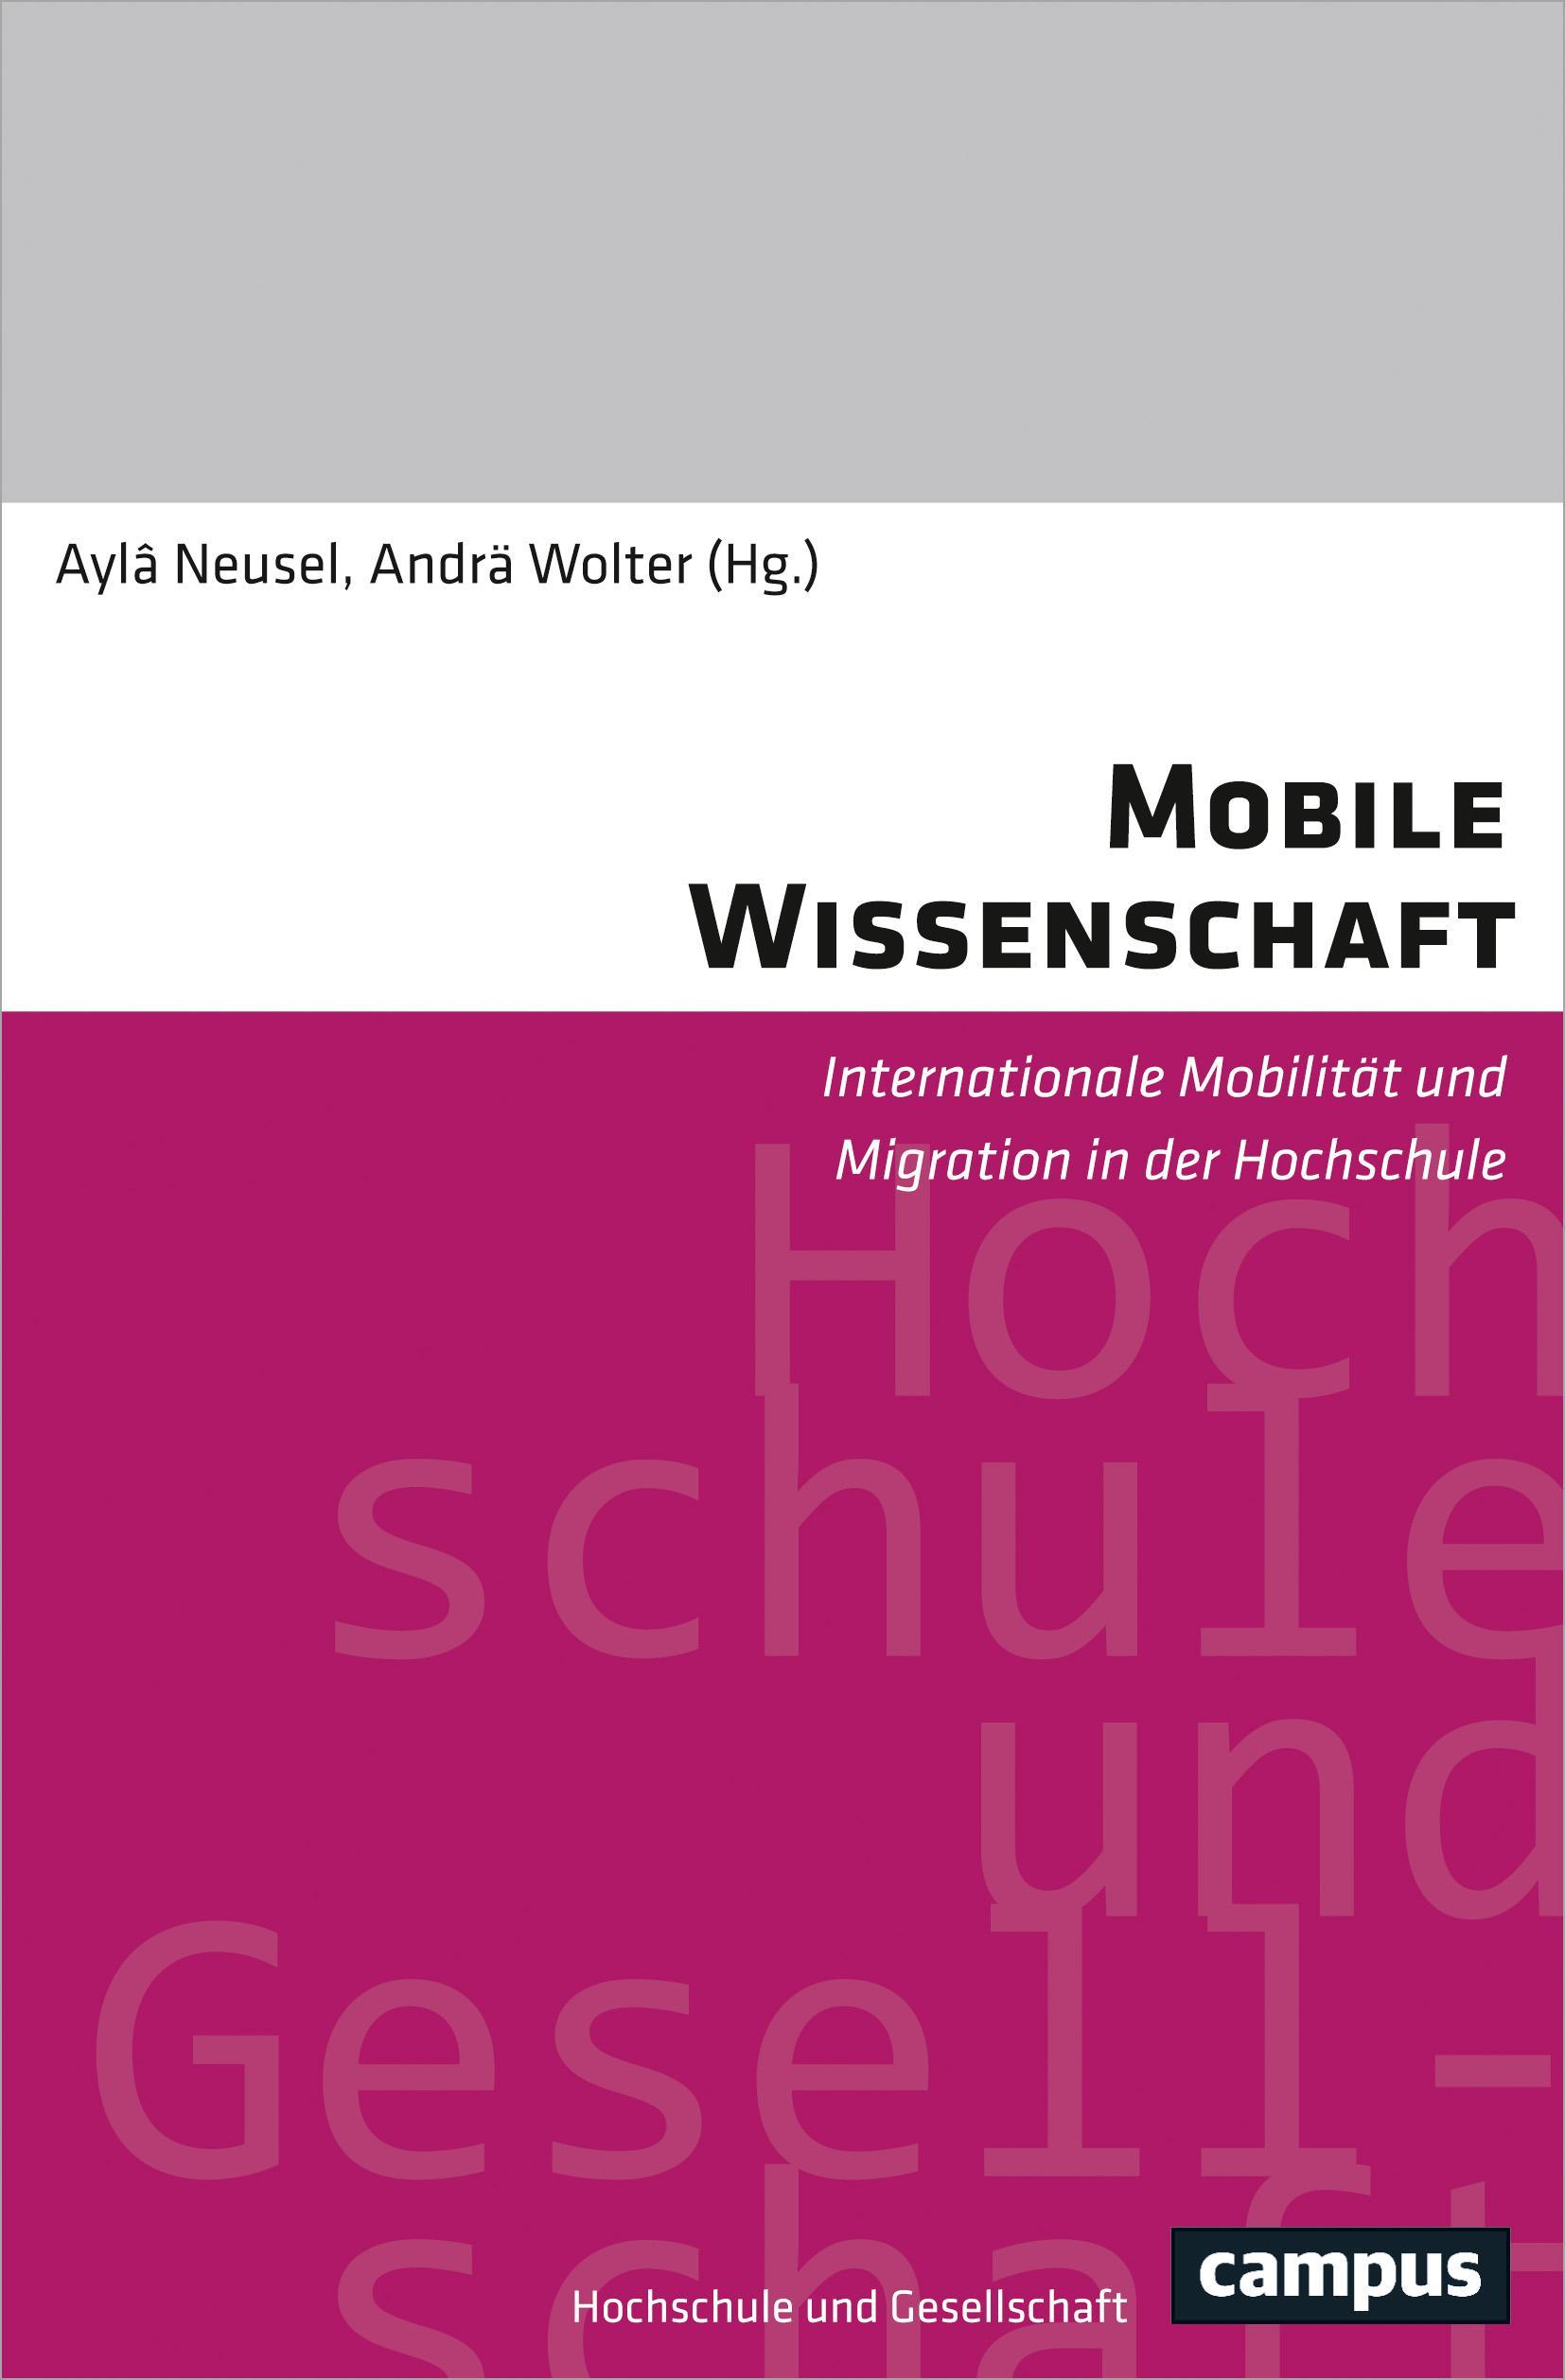 Mobile Wissenschaft – Internationale Mobilität Und Migration In Der HochschuleAylâ Neusel Und Andrä Wolter (Hg.), 2017